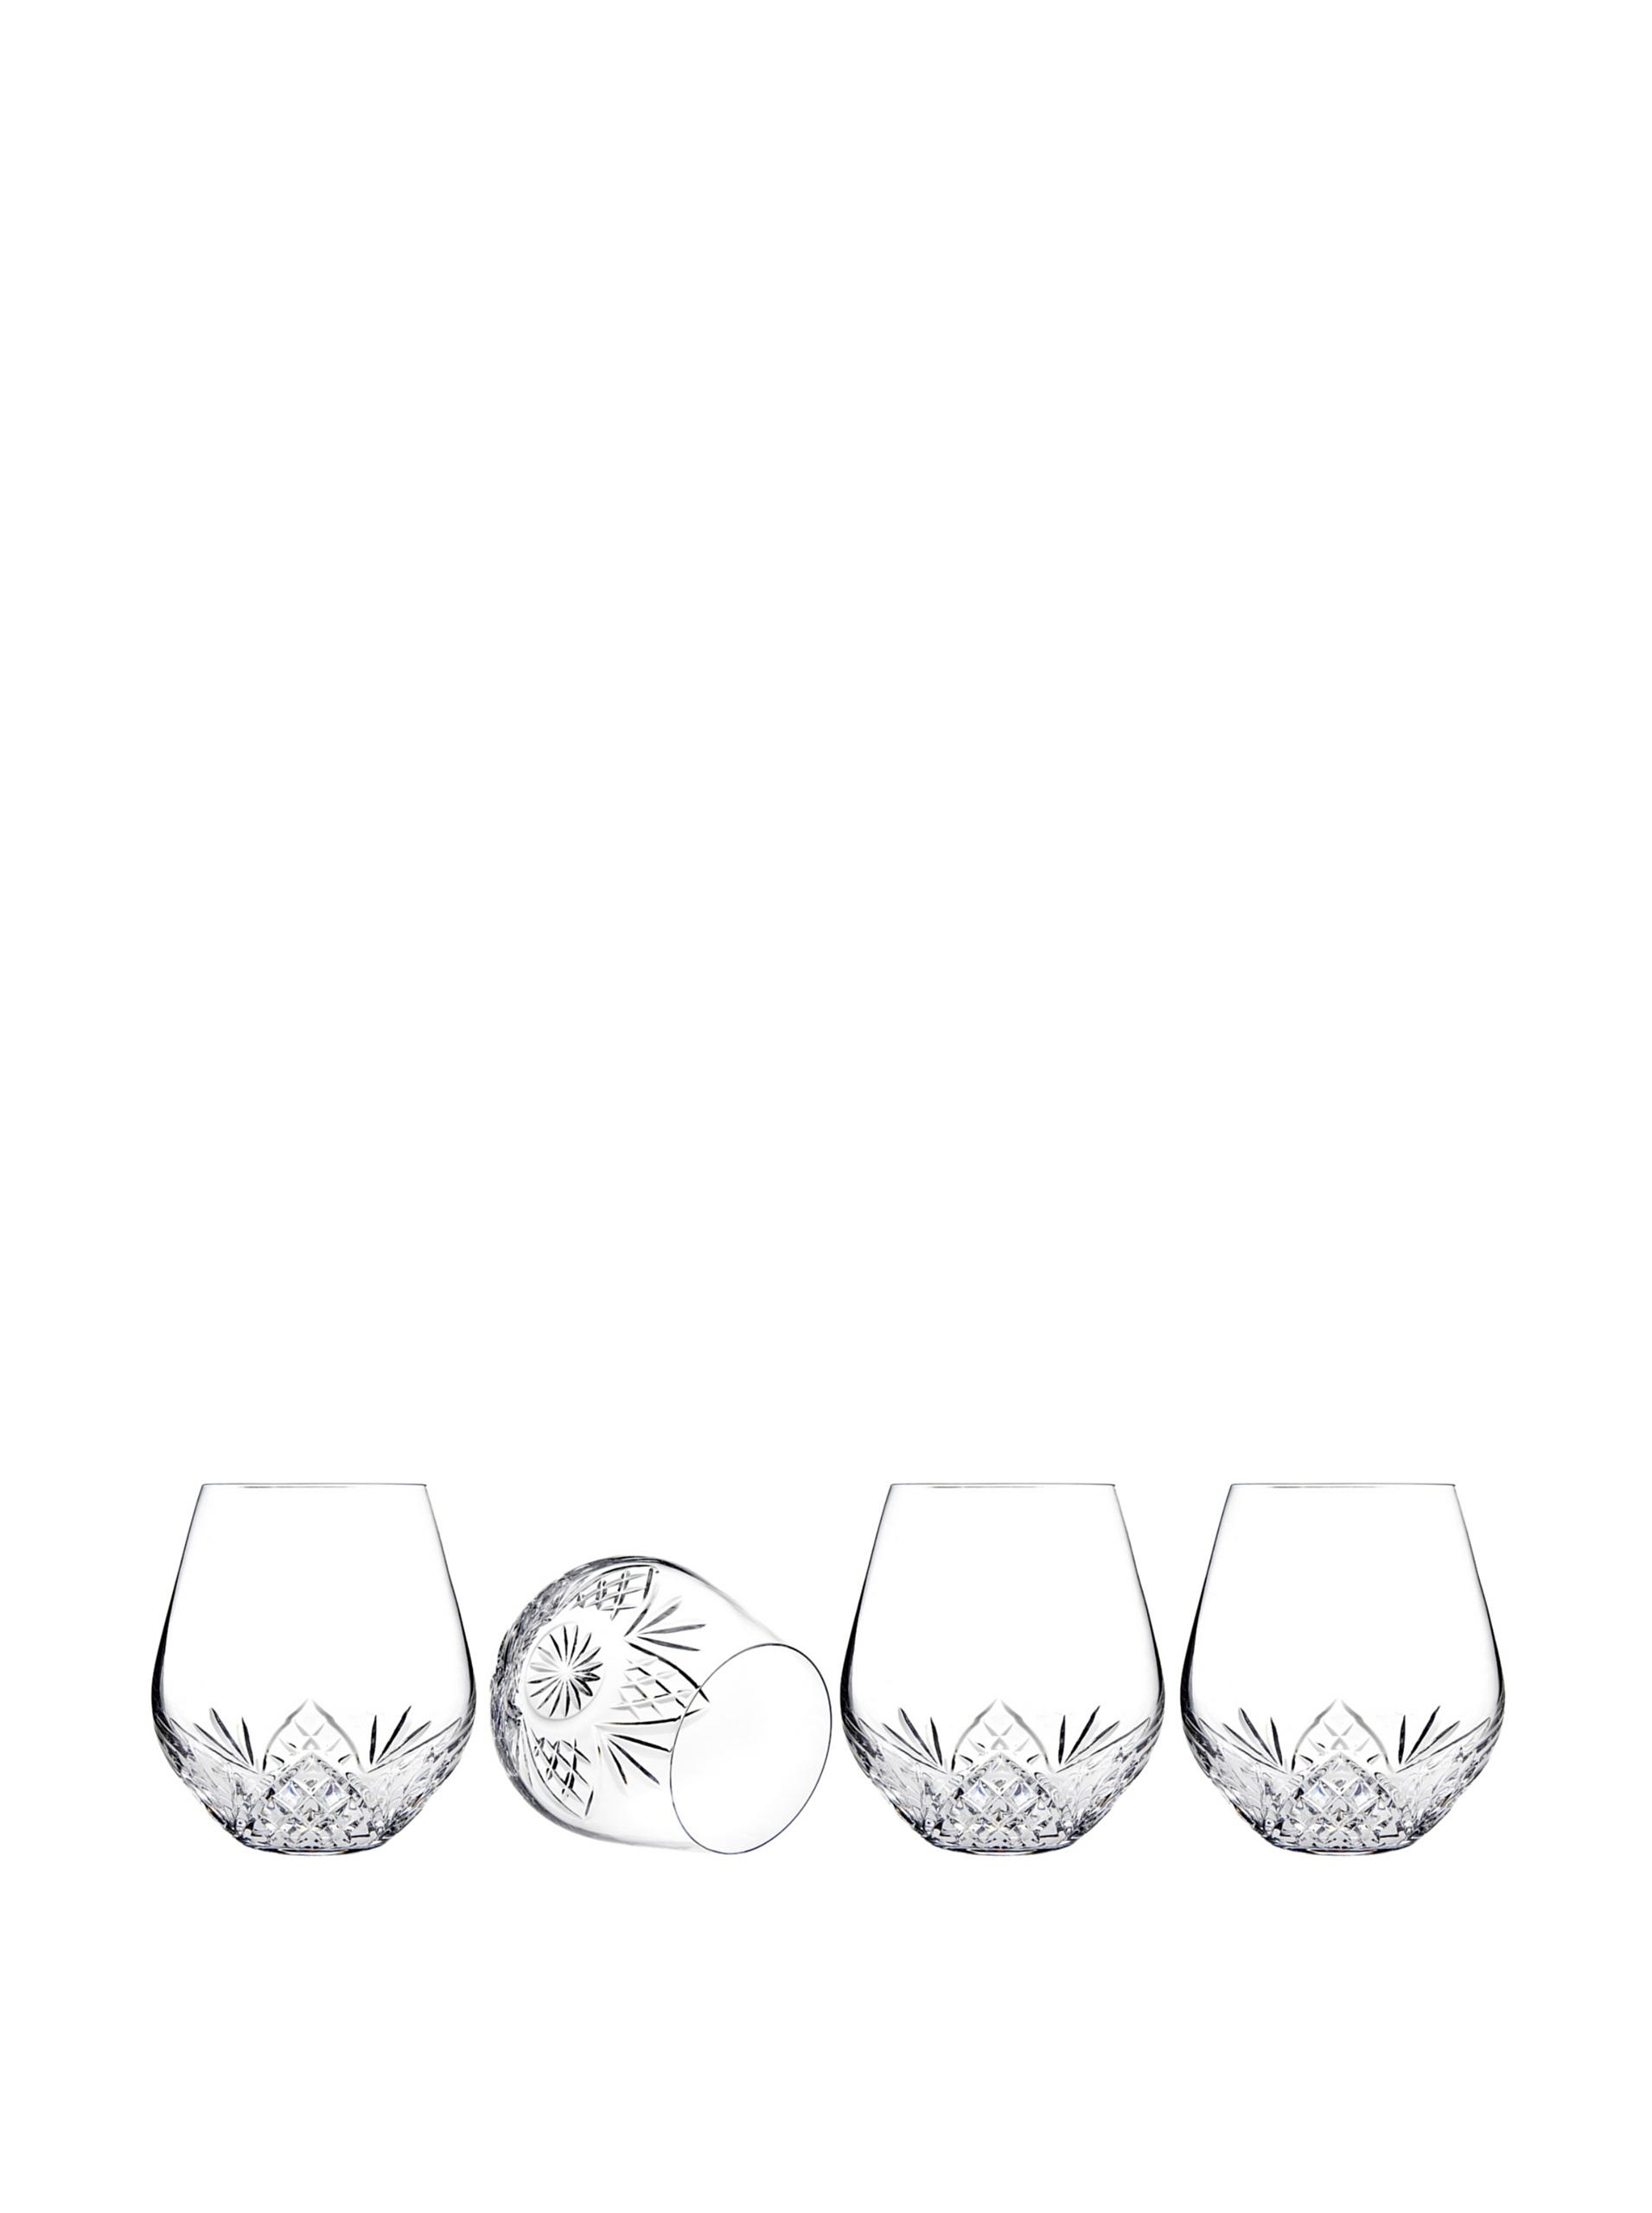 Godinger Dublin Stemless Goblets, Set of 4